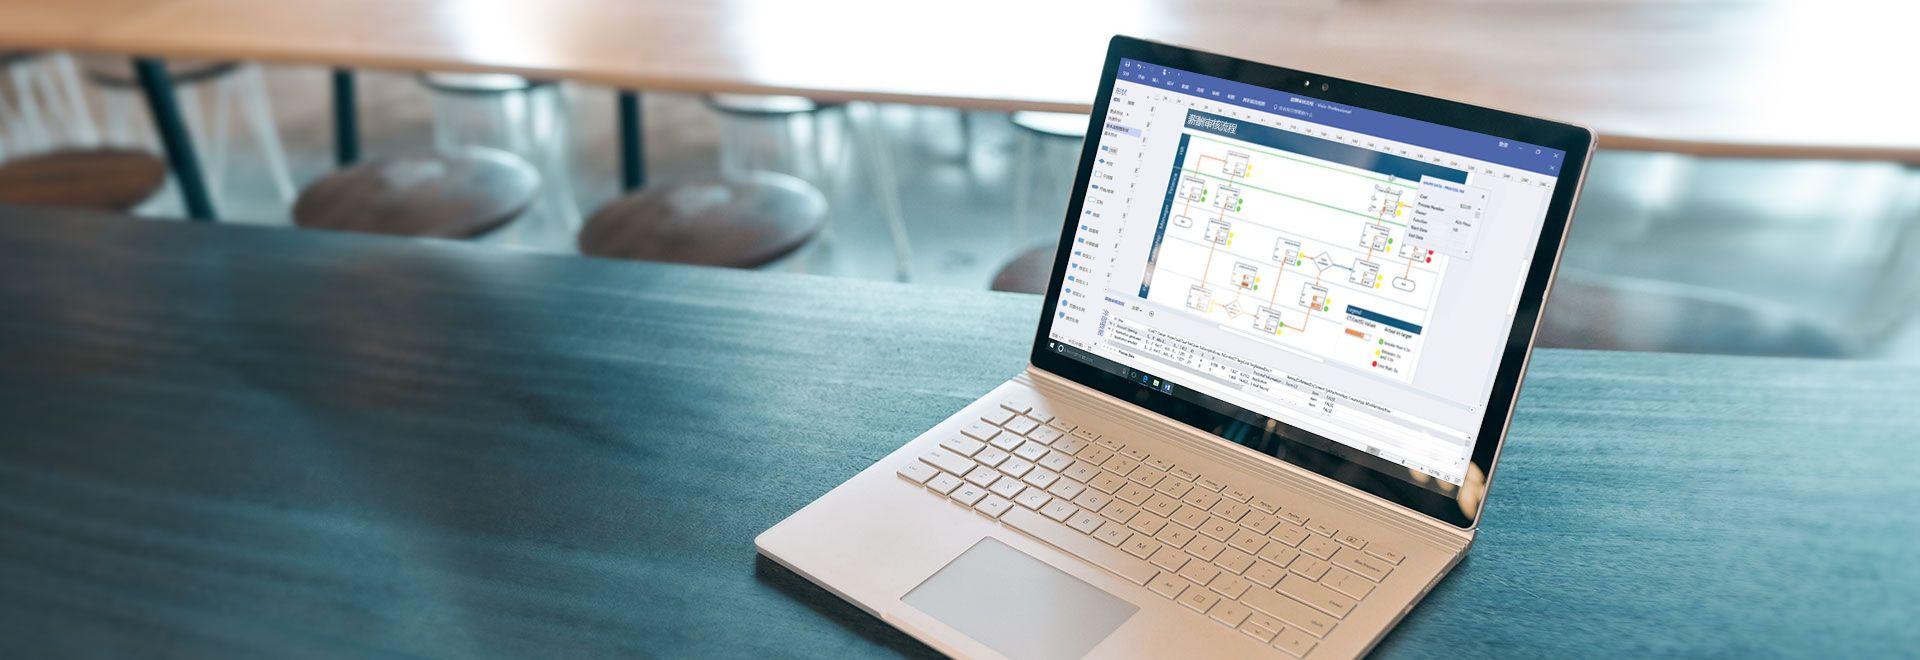 一台笔记本电脑,显示 Visio Online 计划 2 中的流程工作流图表